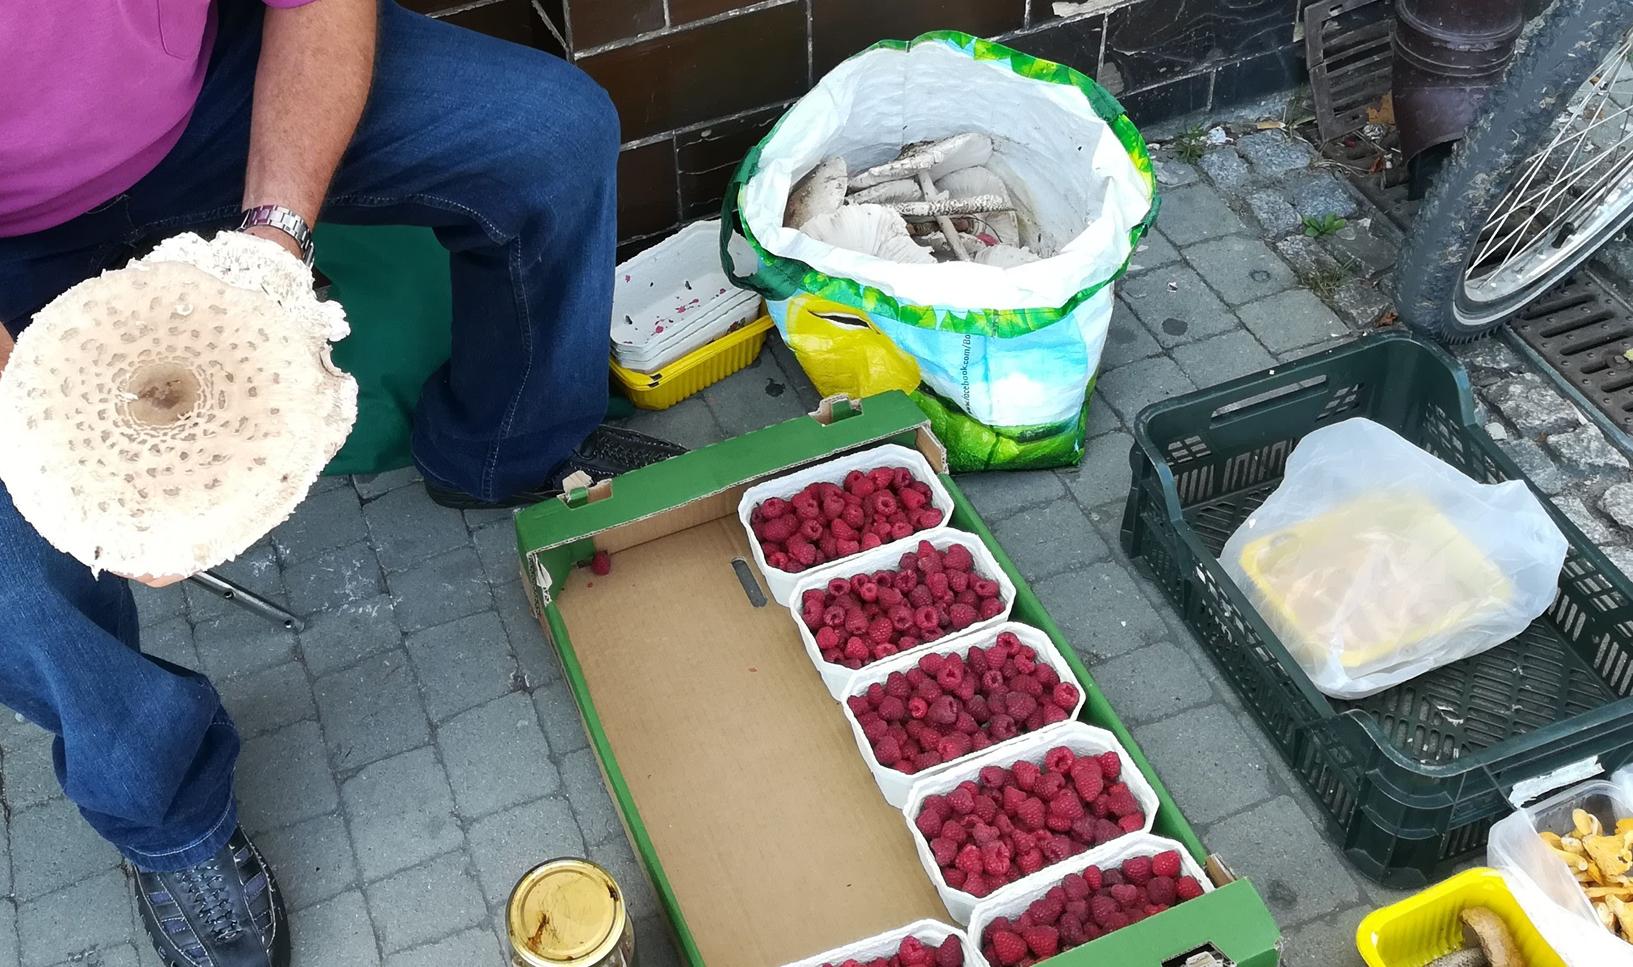 Radny broni osób handlujących na chodnikach na kolbuszowskim rynku. - Sprzedają, żeby dorobić do swojej pensji - Zdjęcie główne